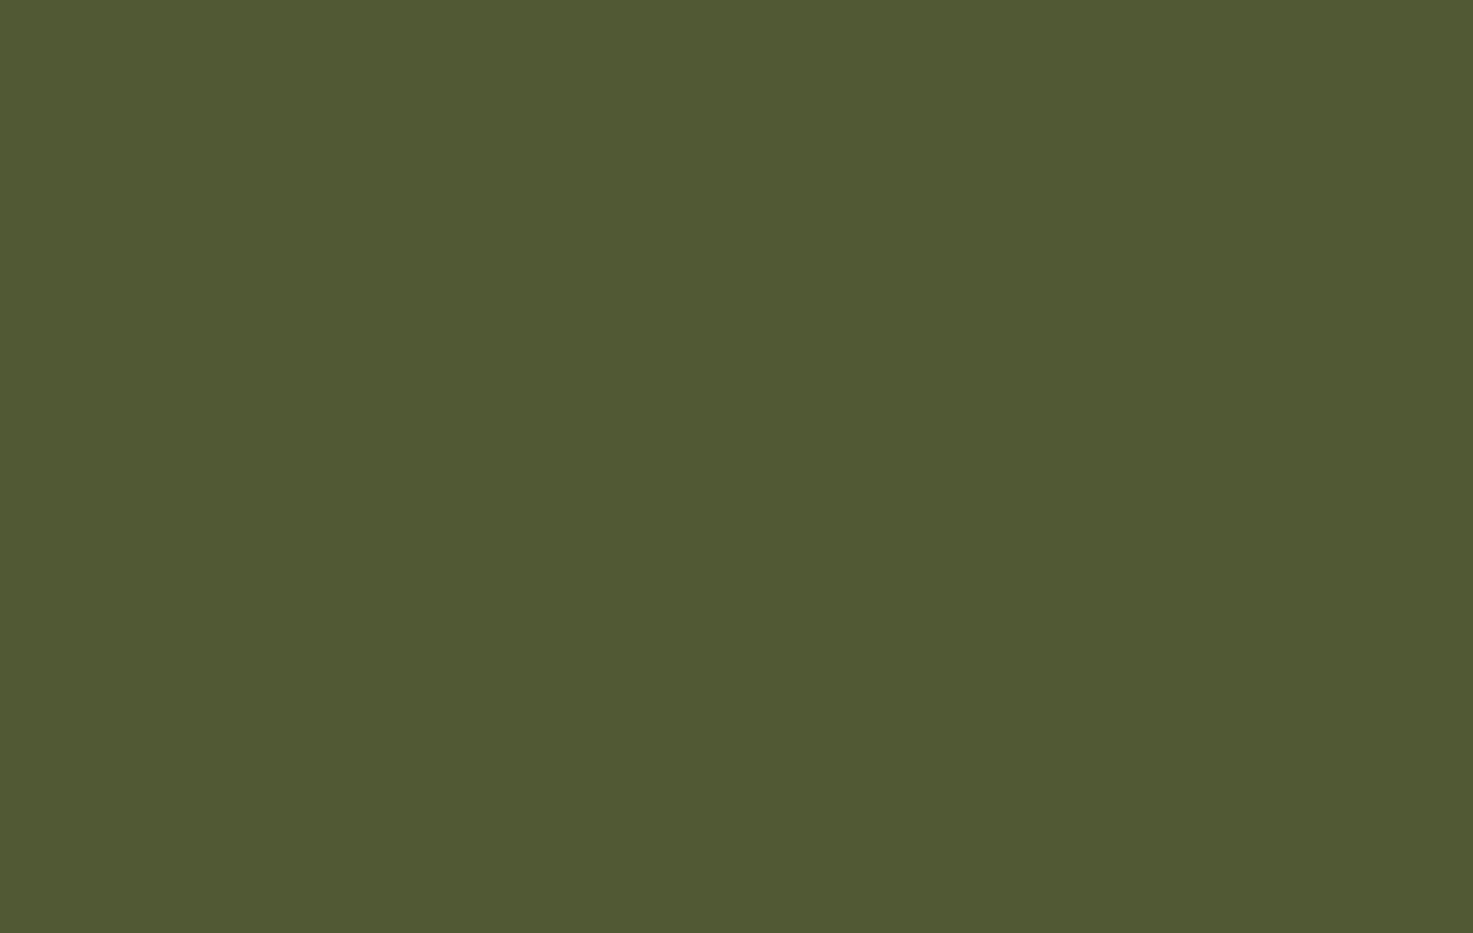 verde oliva 565